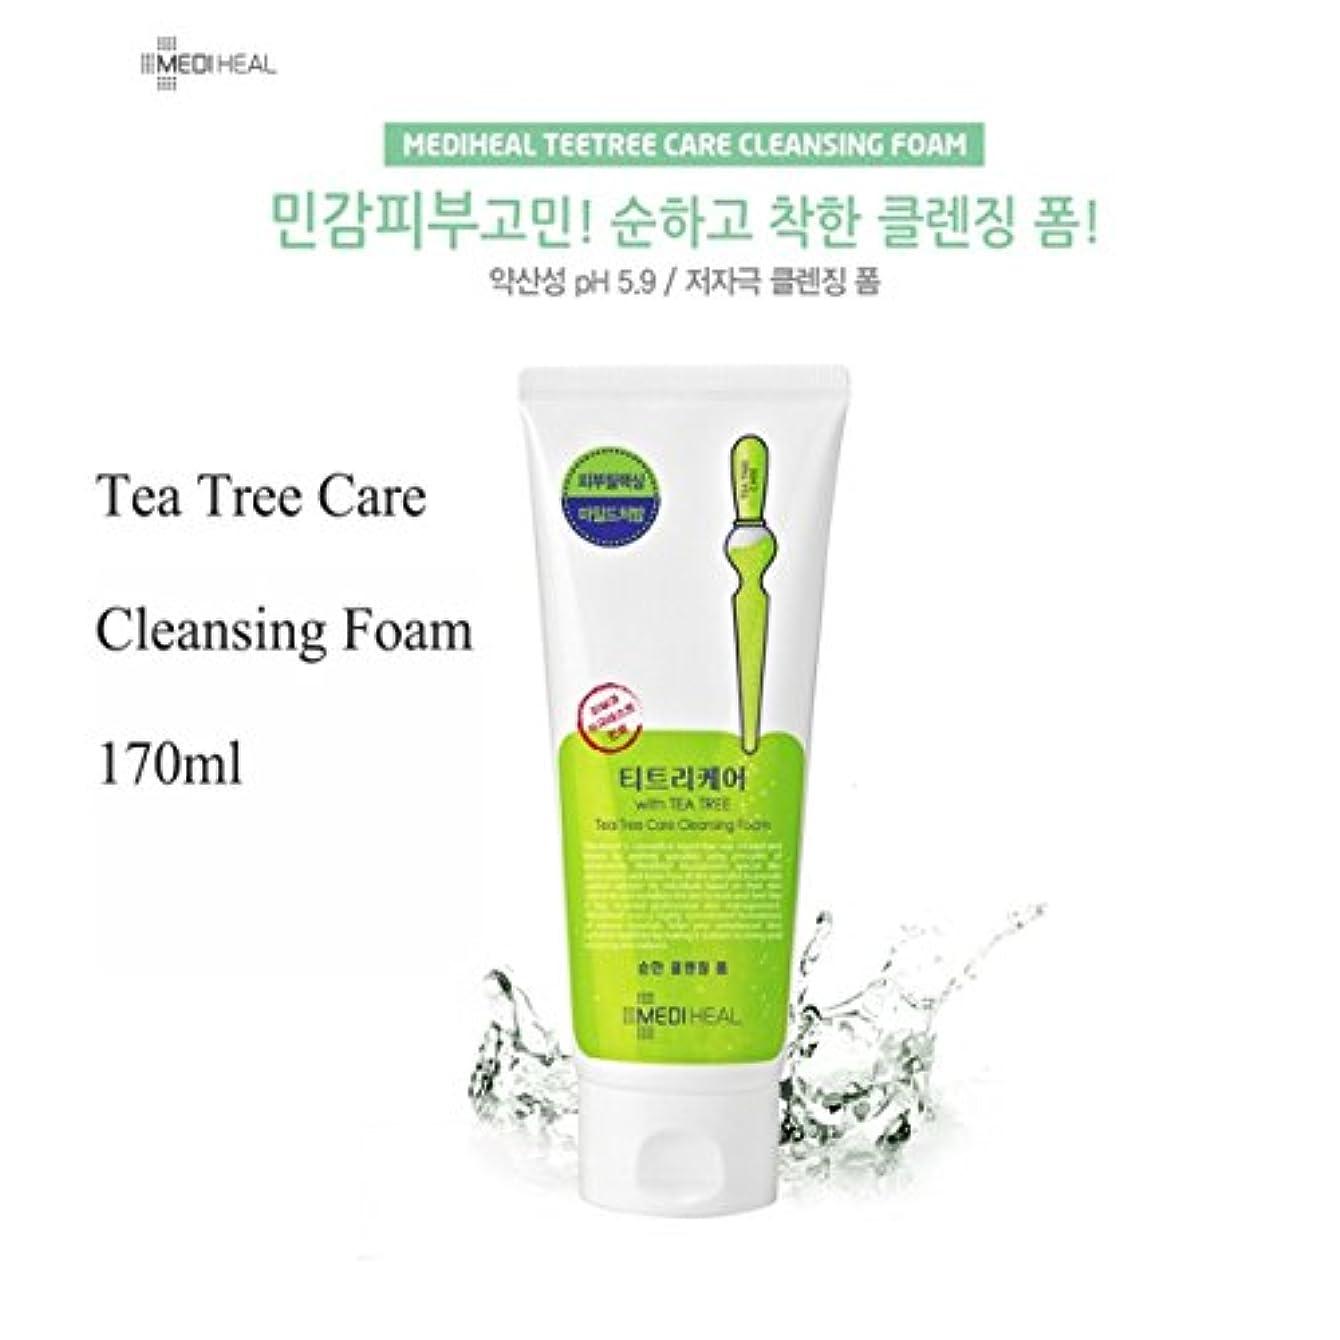 アーク船尾消す【正規輸入品】MEDIHEAL Tea Tree Foam Cleansing 170ml/メディヒール ティー ツリー フォーム クレンジング 170ml